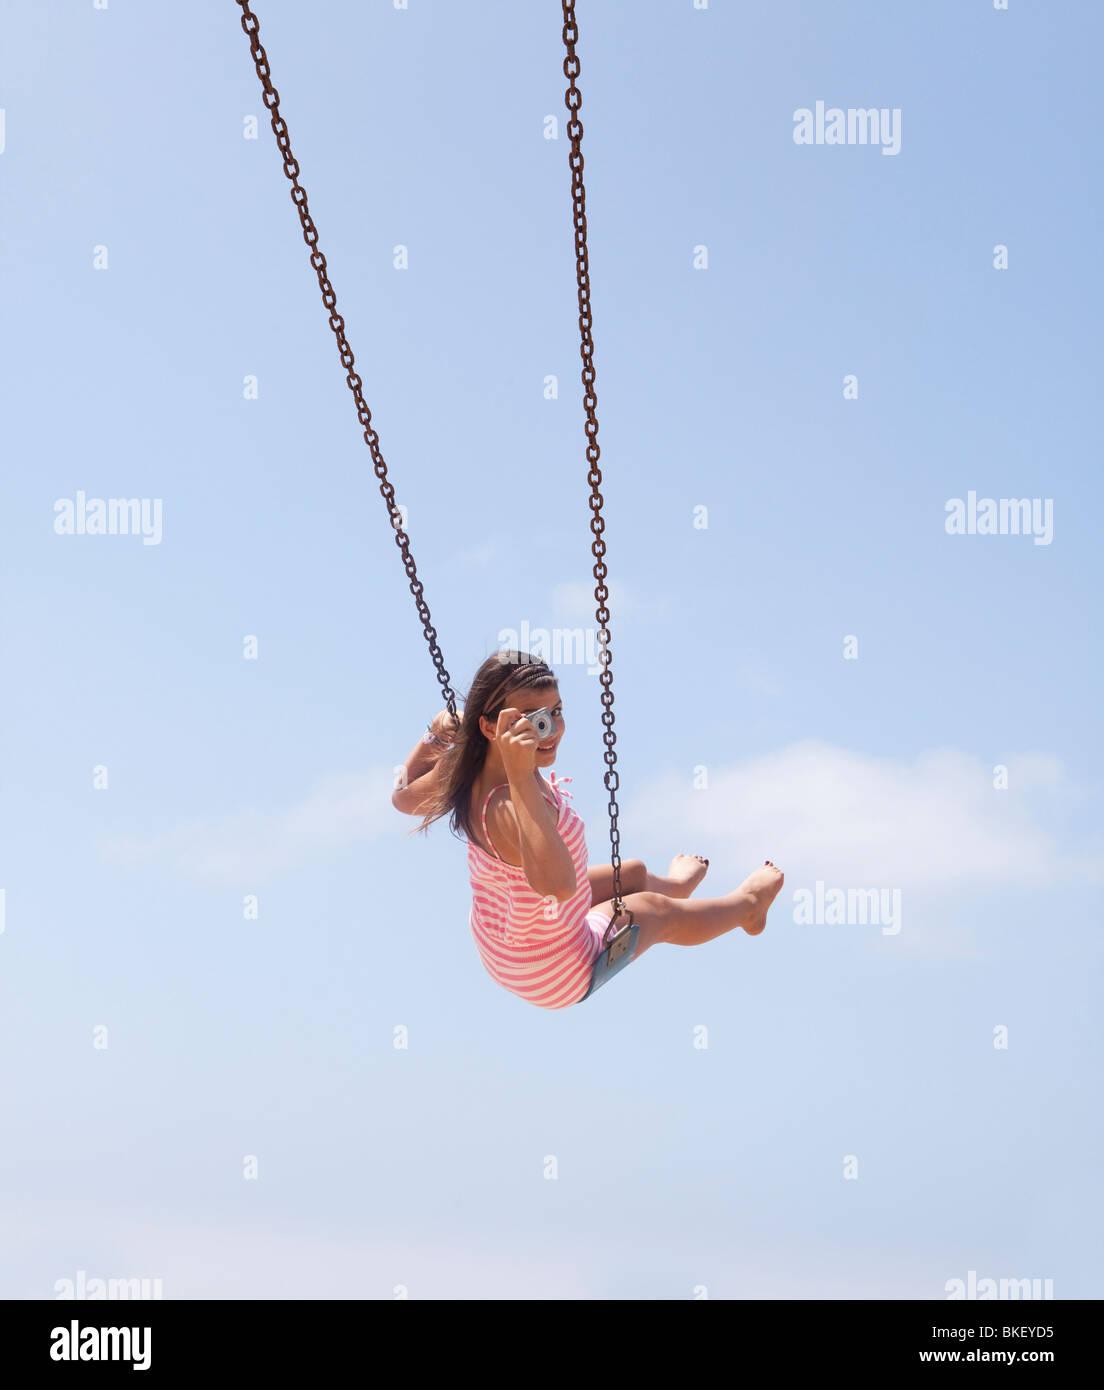 Chica tomar la foto desde el swing Imagen De Stock